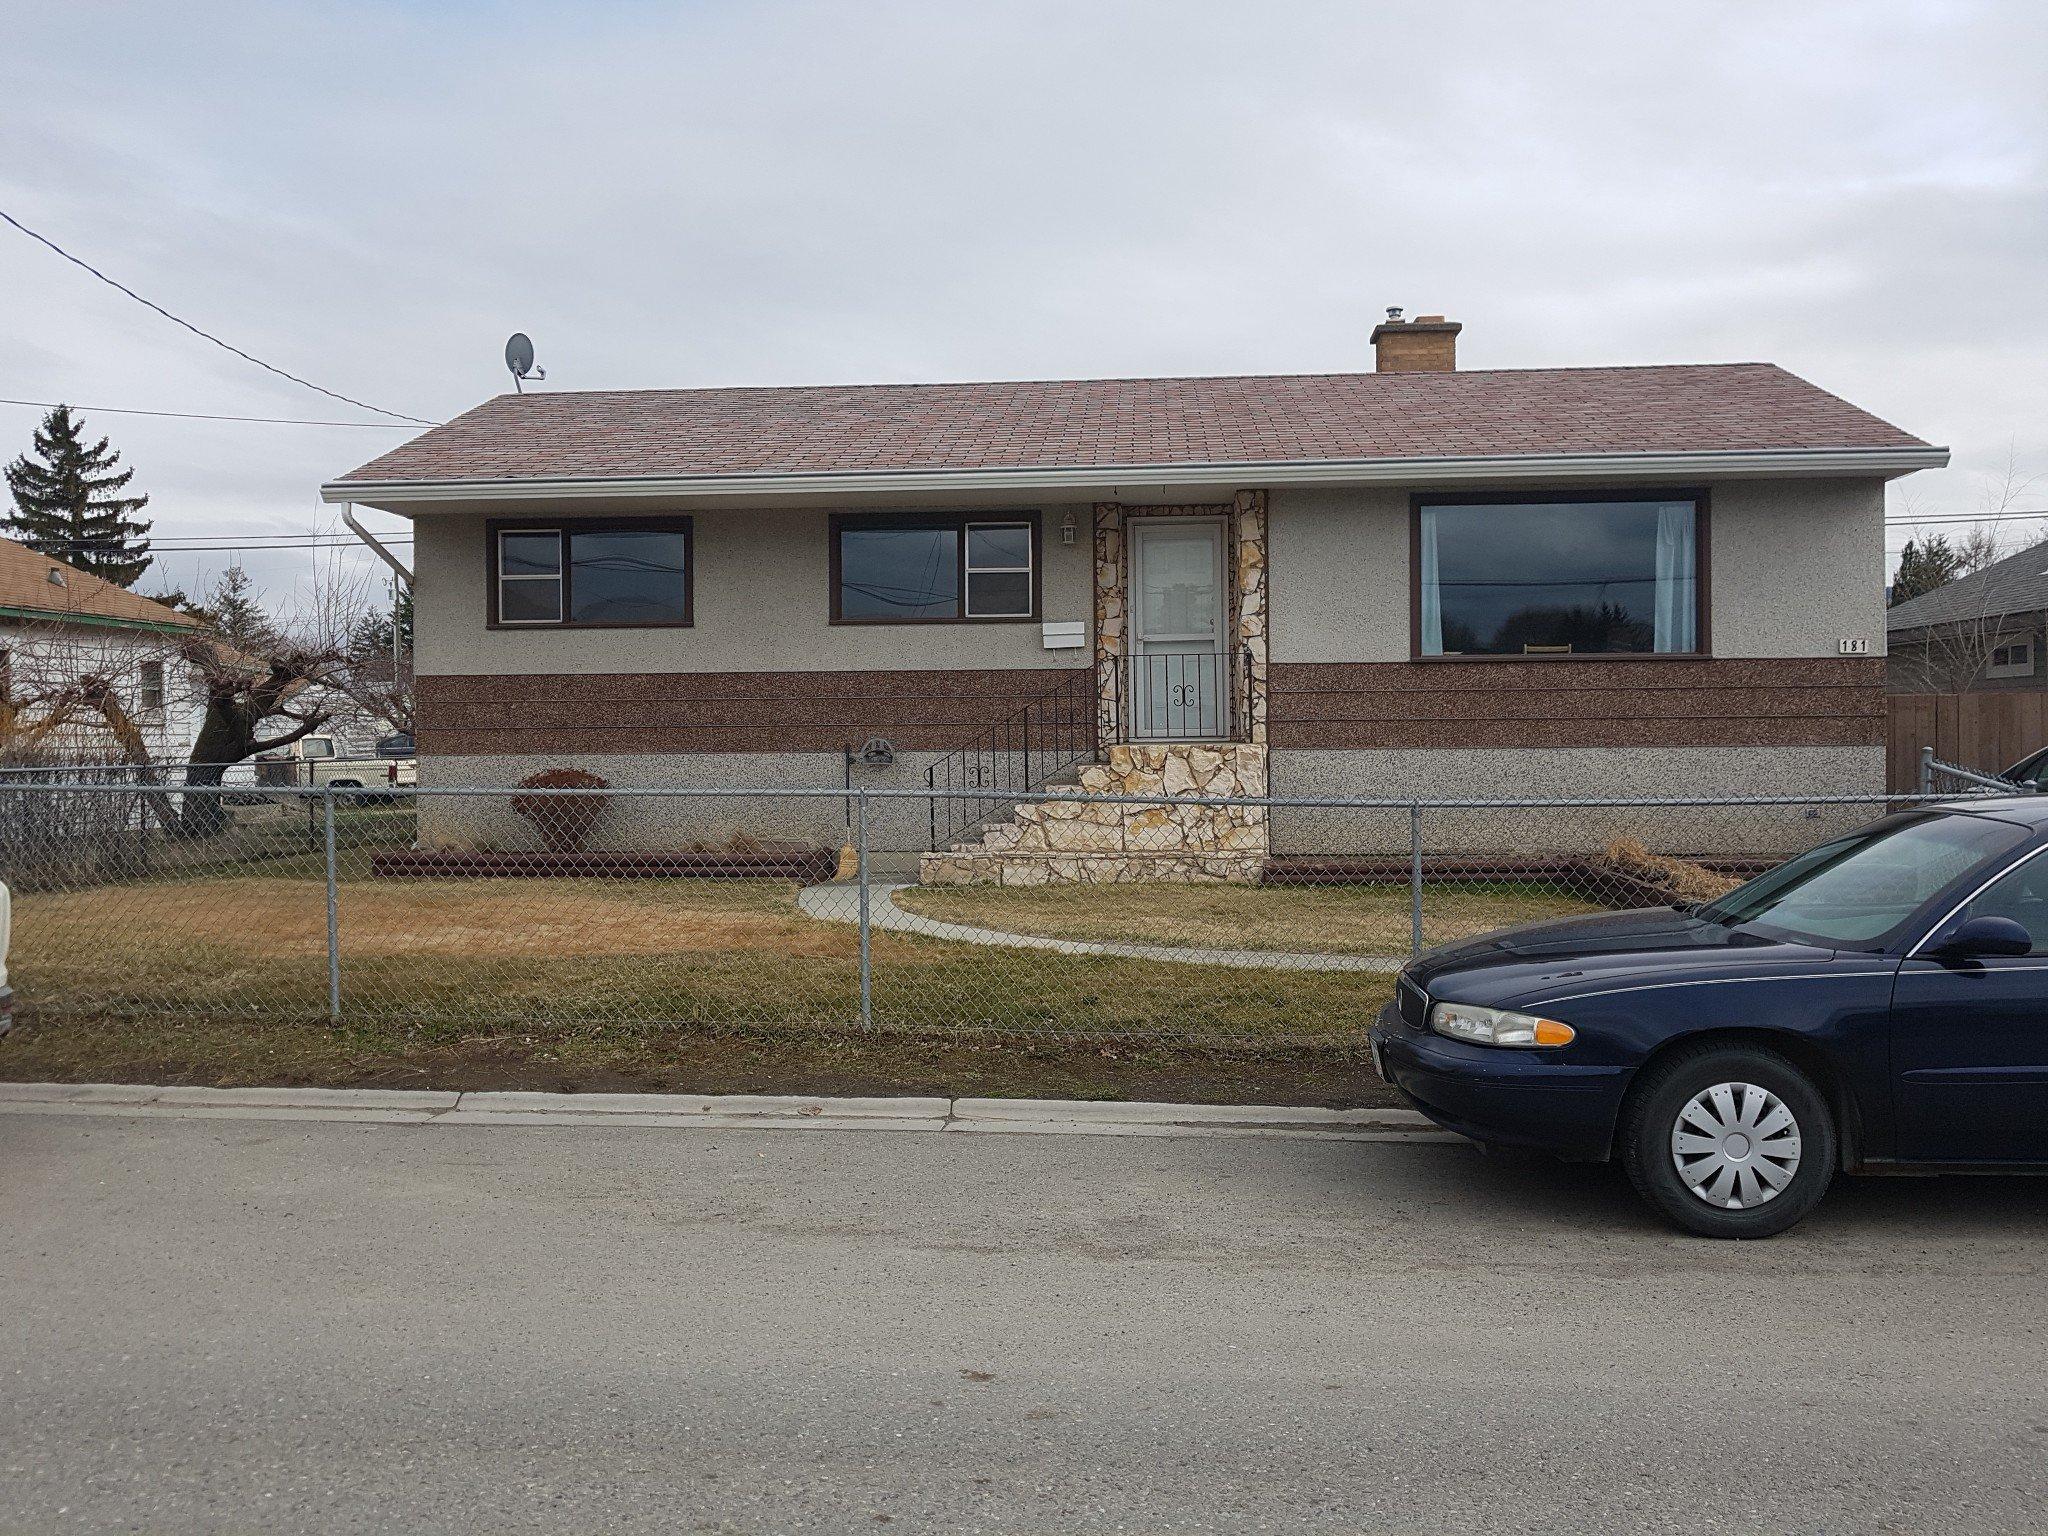 Main Photo: 181 Thrupp Street in Kamloops: North Kamloops House for sale